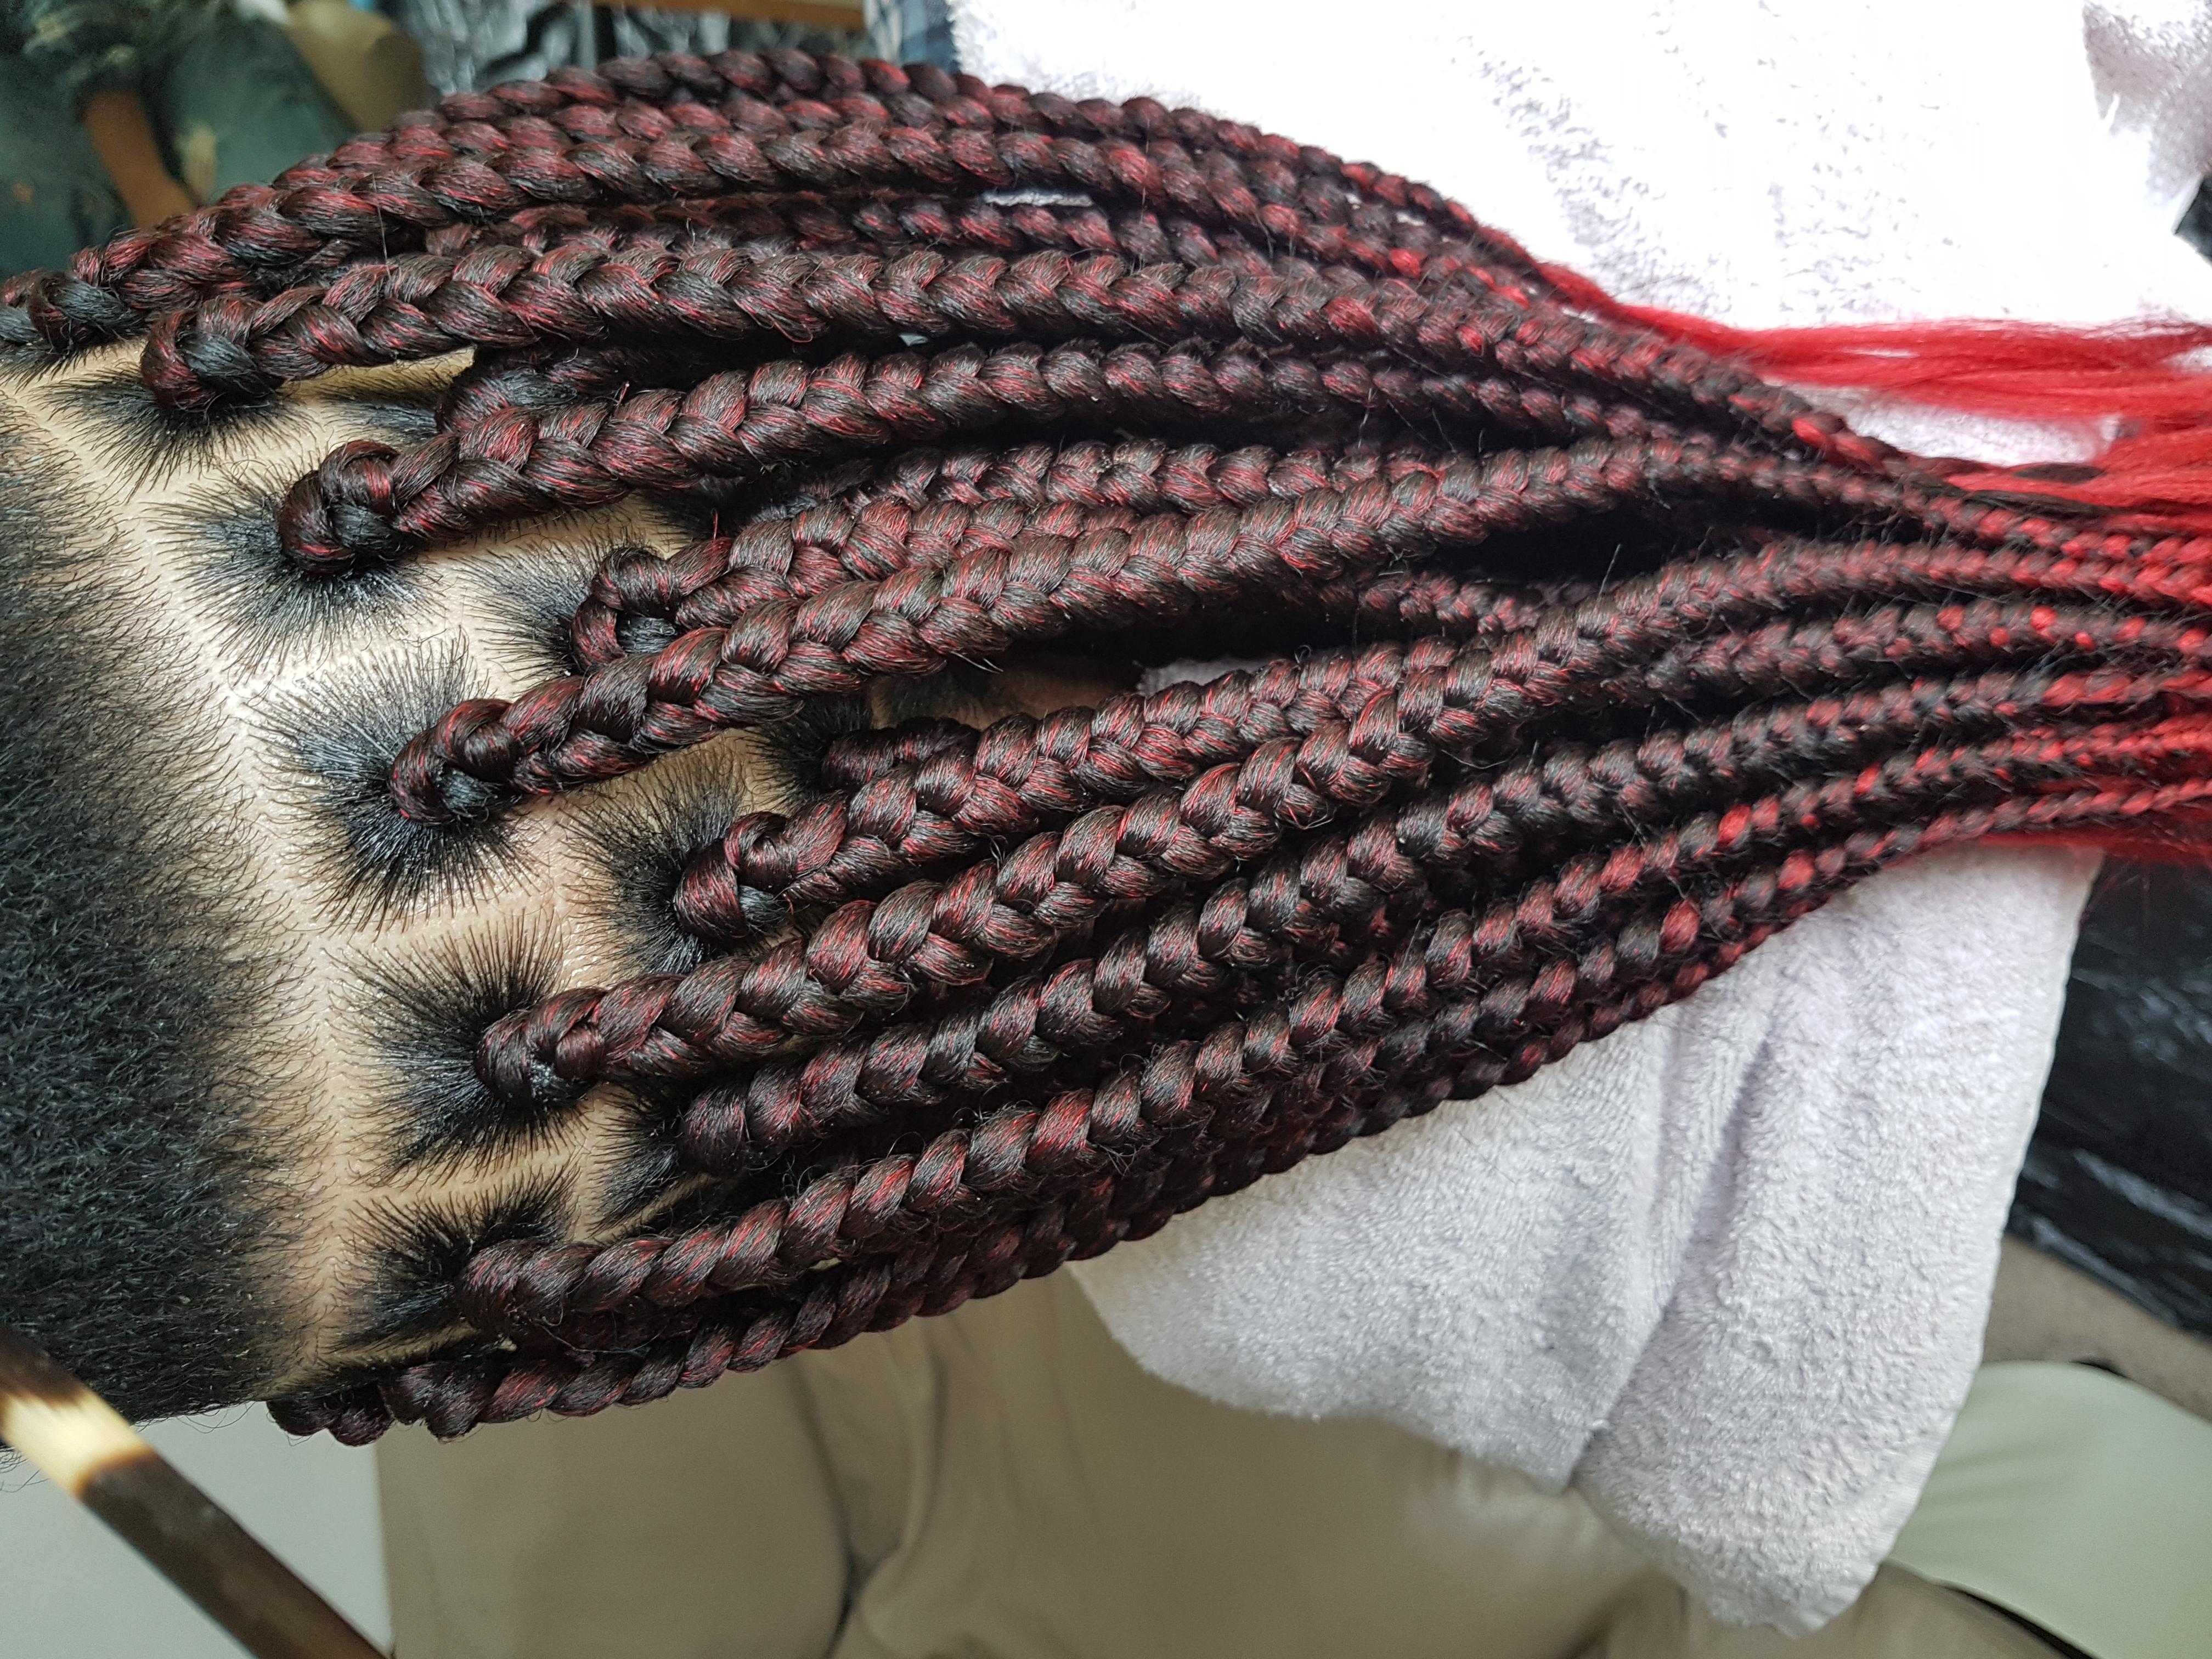 salon de coiffure afro tresse tresses box braids crochet braids vanilles tissages paris 75 77 78 91 92 93 94 95 VPACNFTV